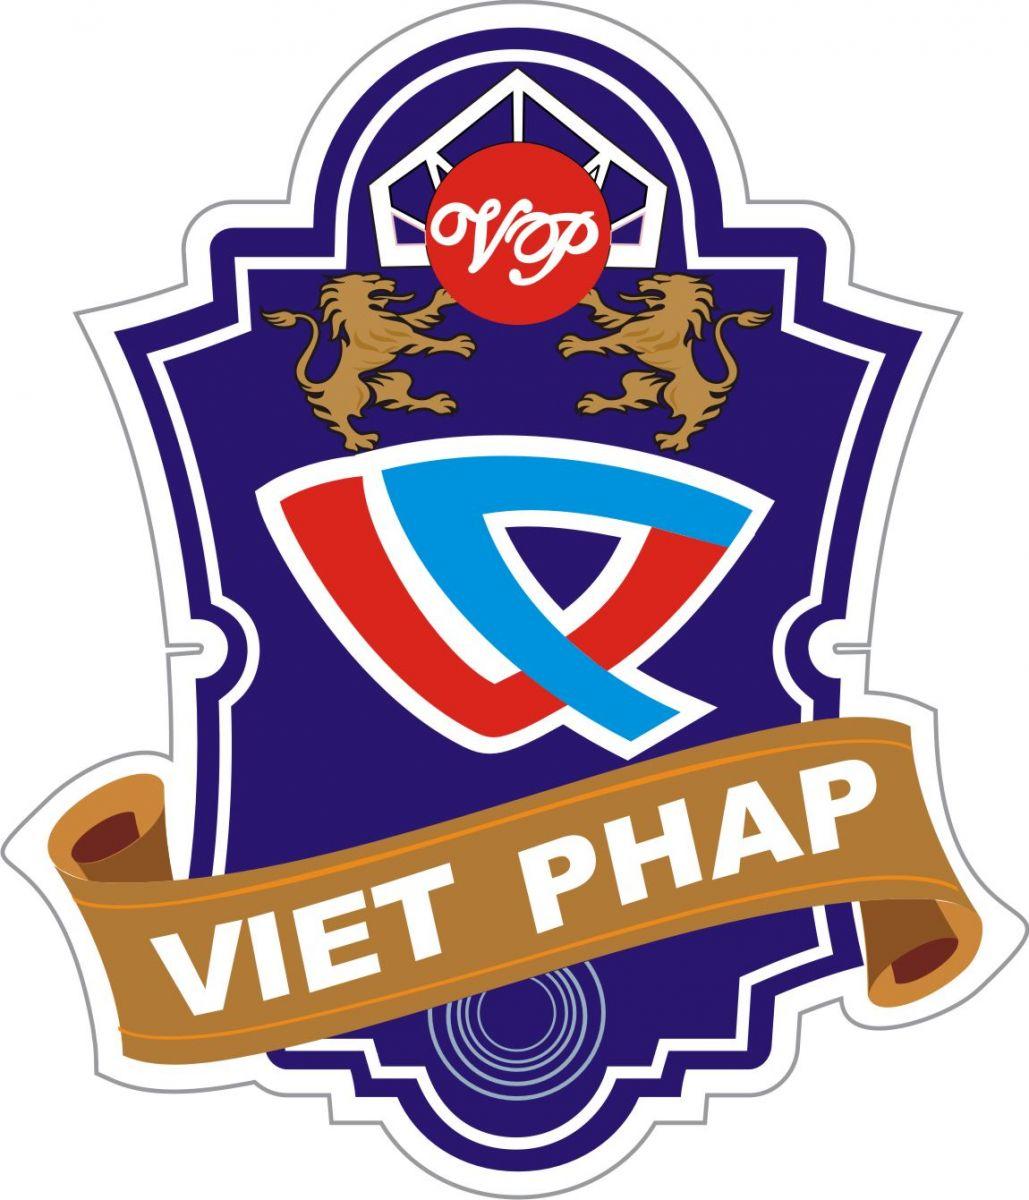 Công ty TNHH Thép Việt Pháp